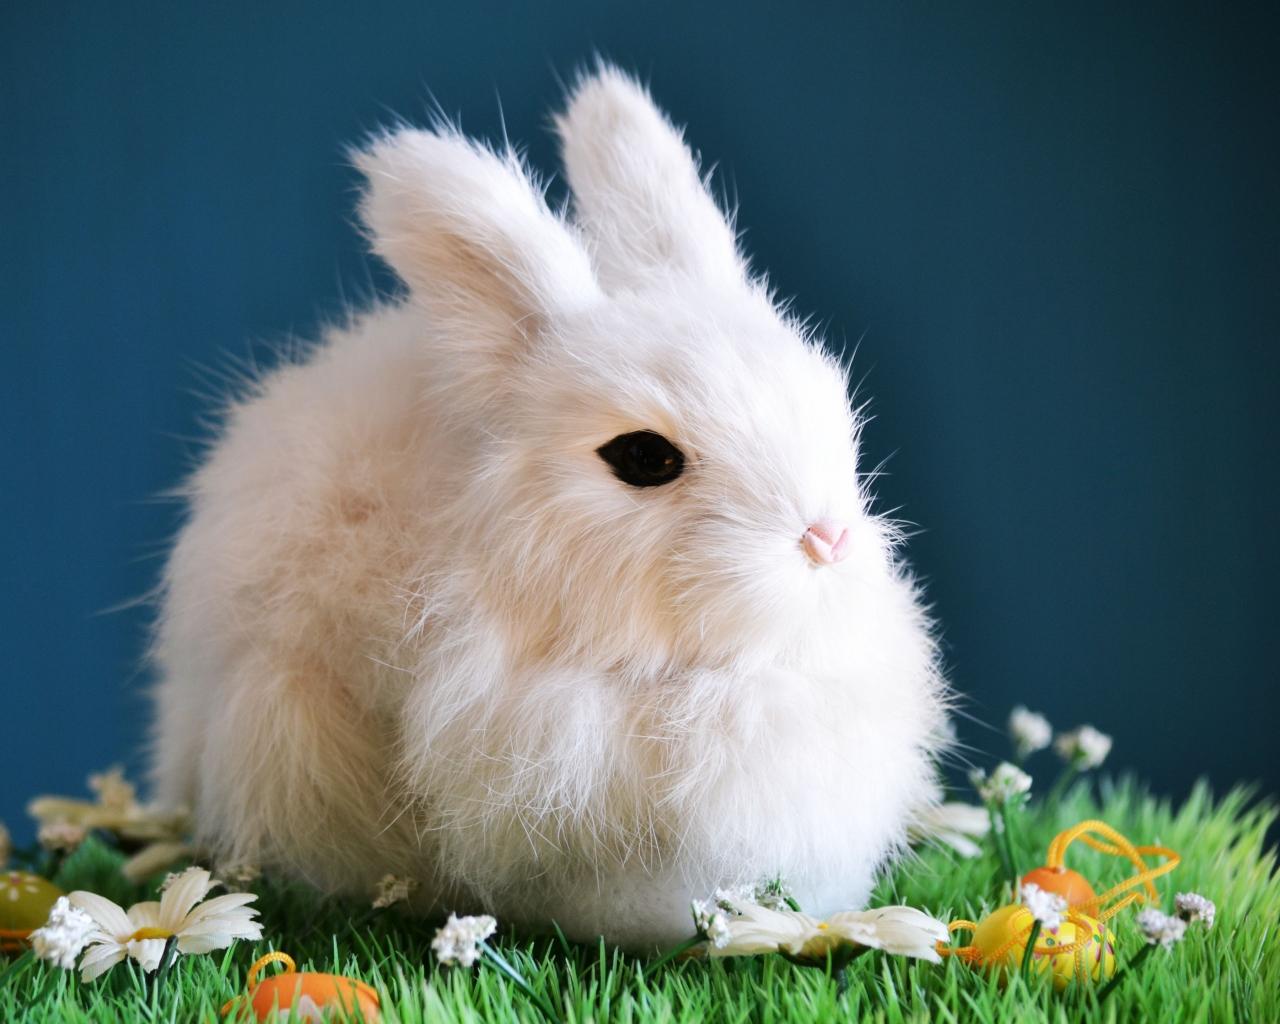 Anonymous большой черный кролик гонялся за маленьким белым кроликом, укусил его,на ладони маленький кролик лежал укушенный и из раны вылезла черная масса, я пыталась пальцем эту массу вернуть назад поалаллч снилась что мы зашли в поляну и там были белые кролики я подошла к ним и один из них зубами вципился за мою ногу а я боялась что он может укусить и оттолкнула его..